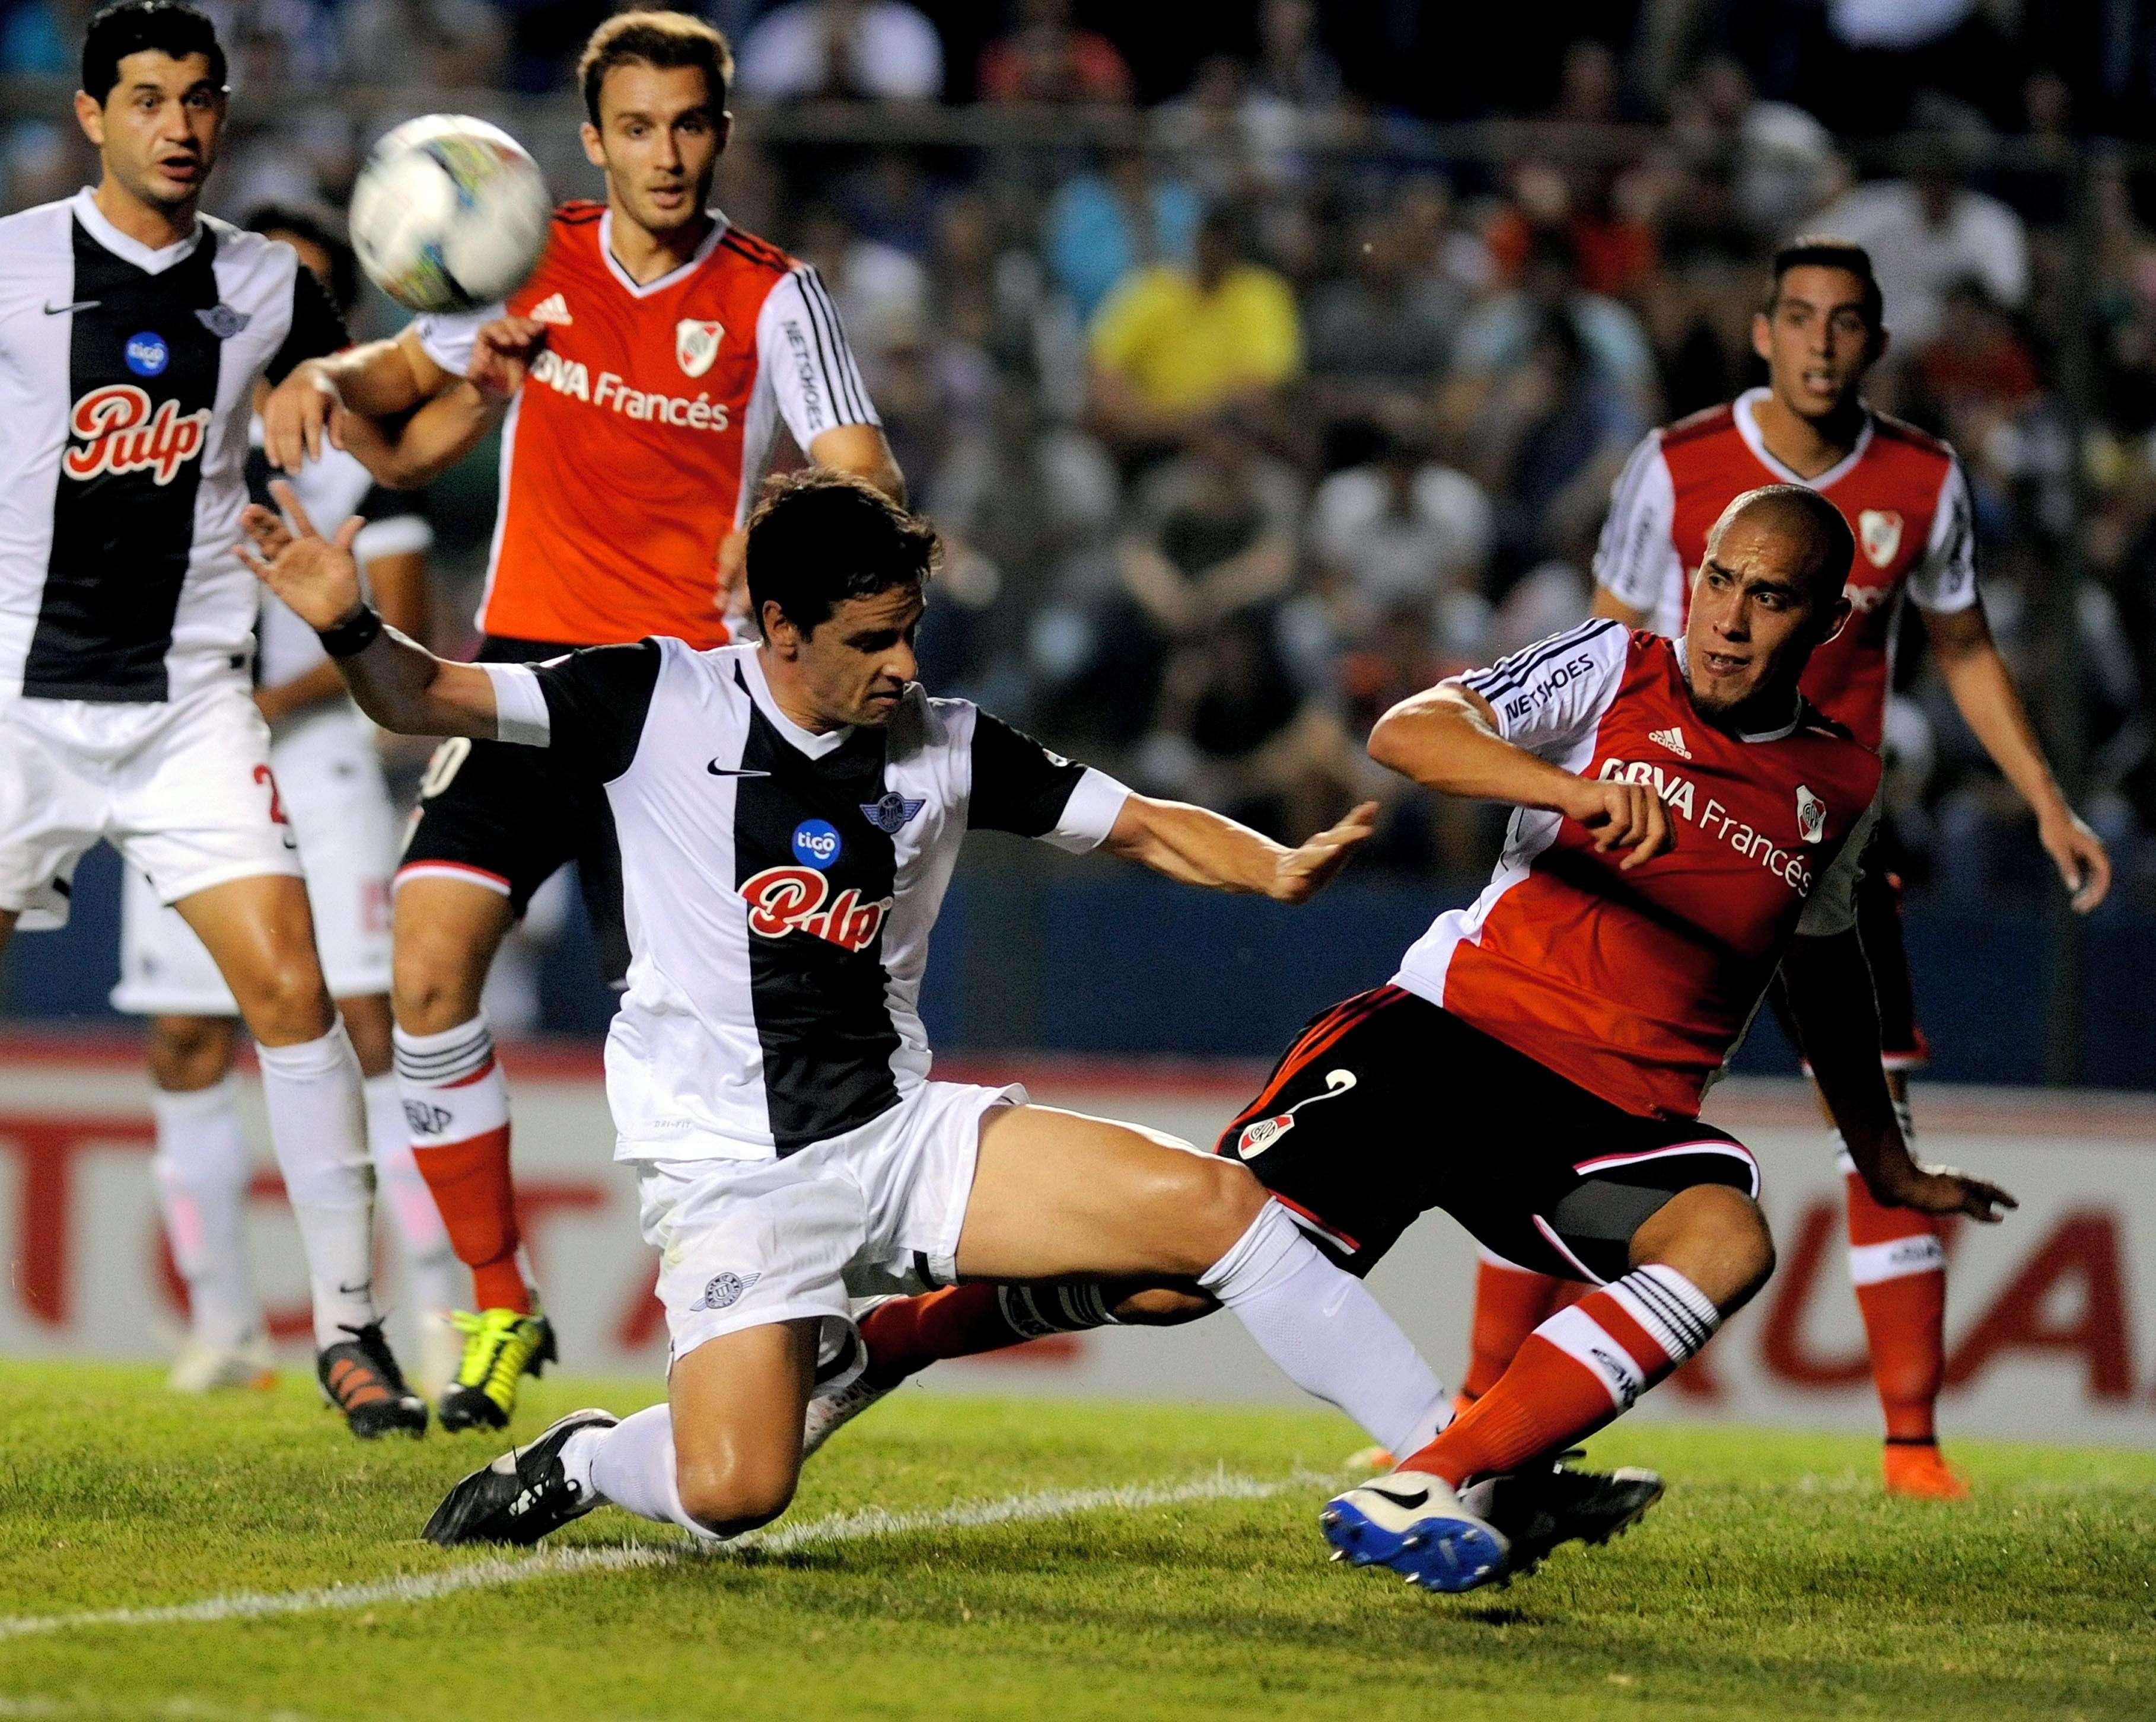 River le ganó a Libertad 3 a 1 en Paraguay Foto: Agencias